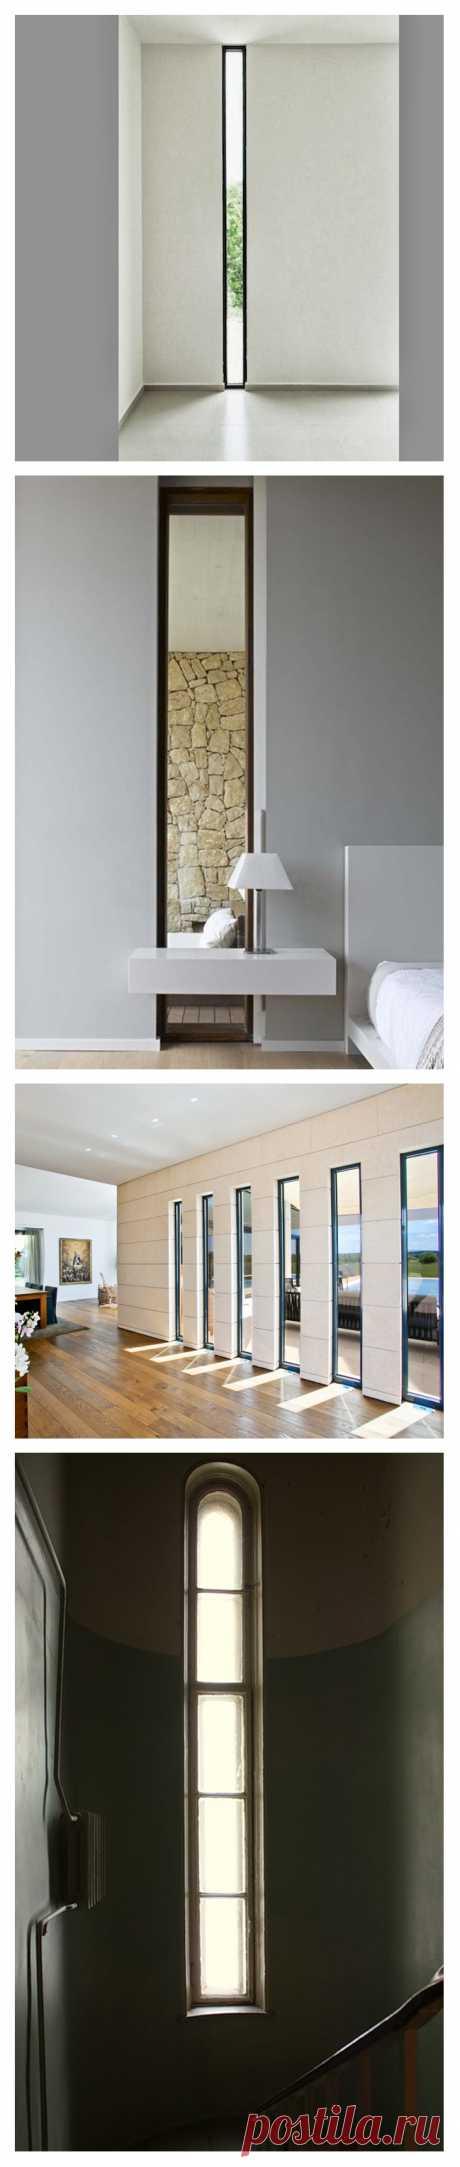 Las ventanas estrechas. ¿El dolor de cabeza de los constructores o el detalle impresionante del interior?